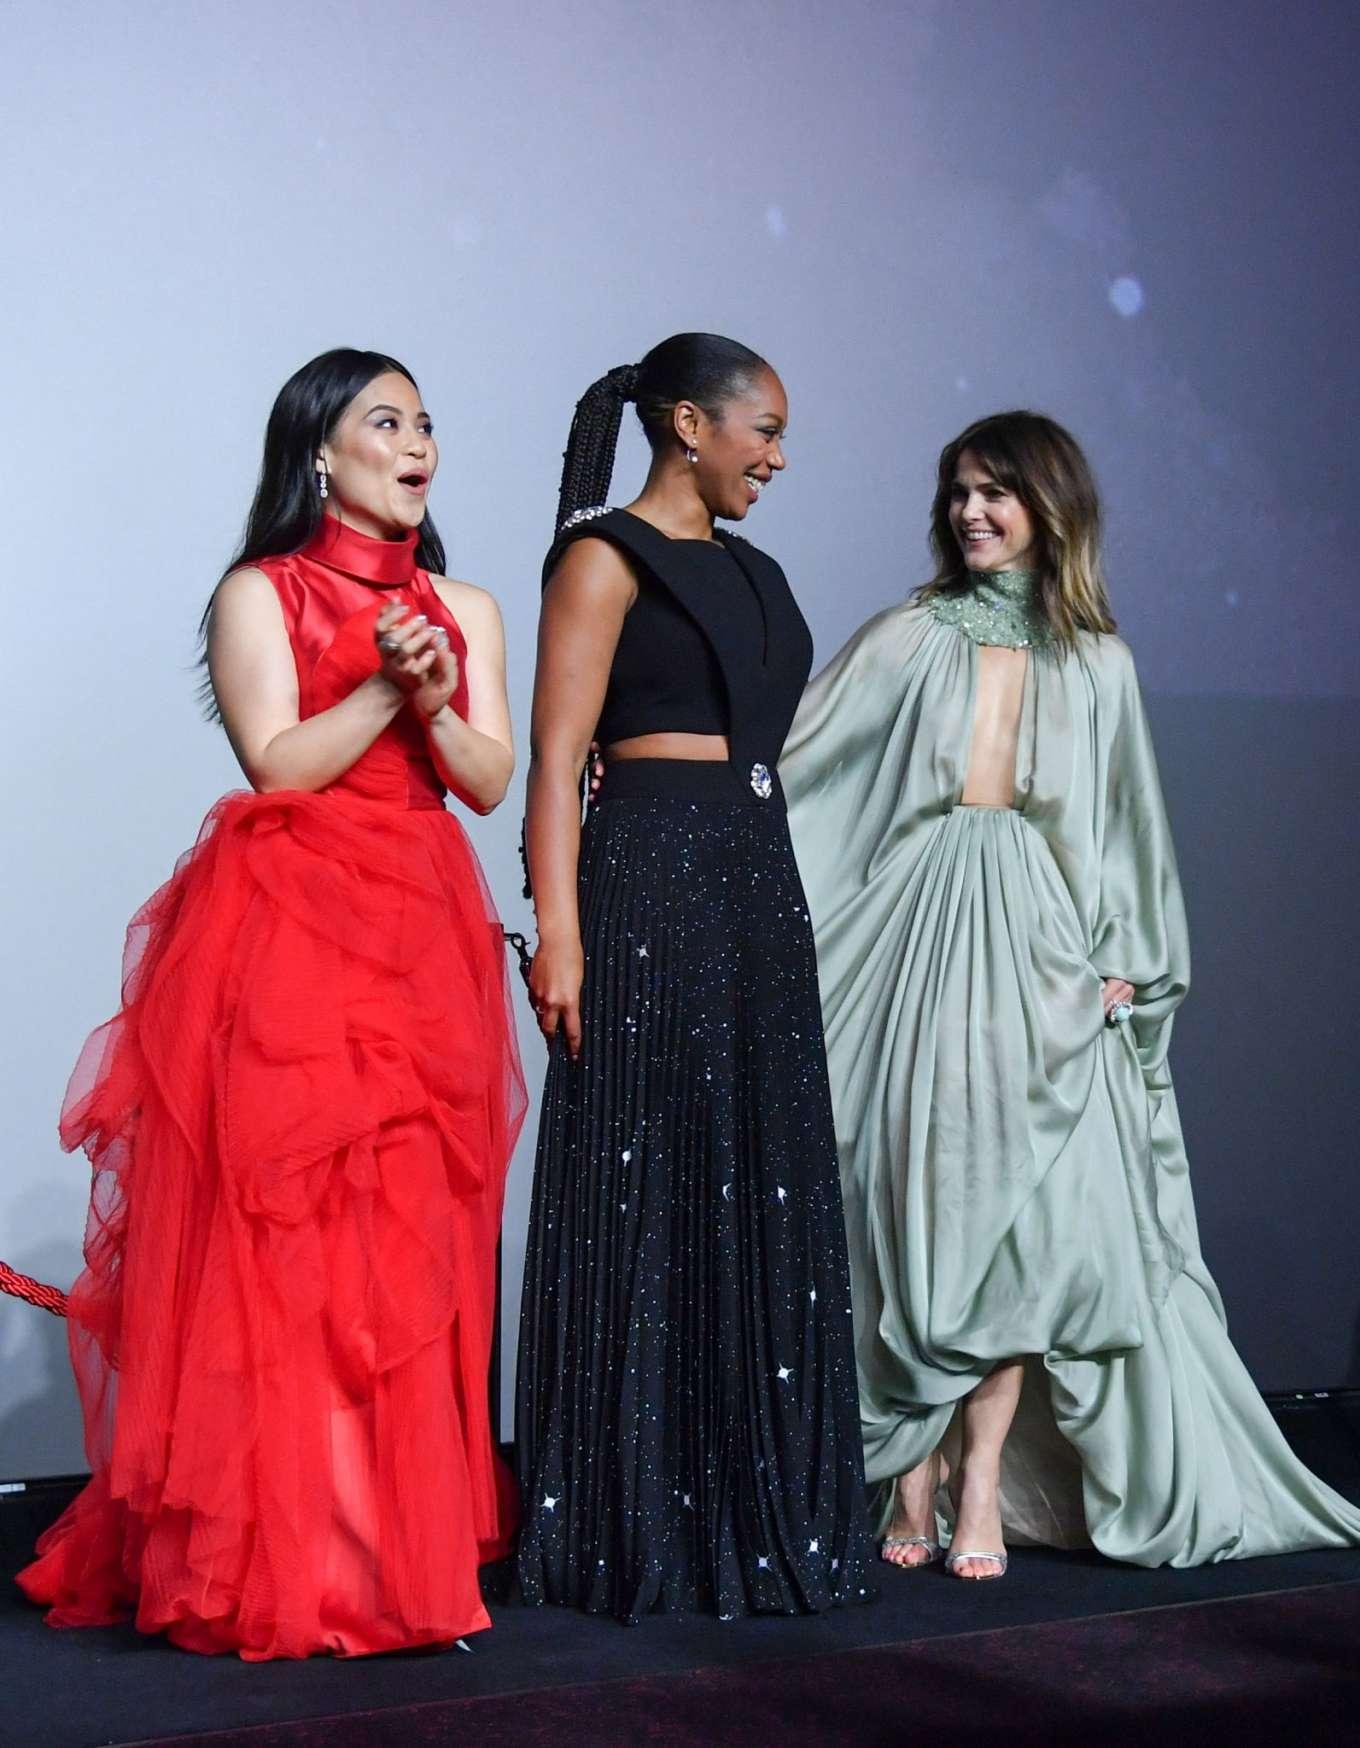 Keri Russell Star Wars The Rise Of Skywalker Premiere In London 56 Gotceleb